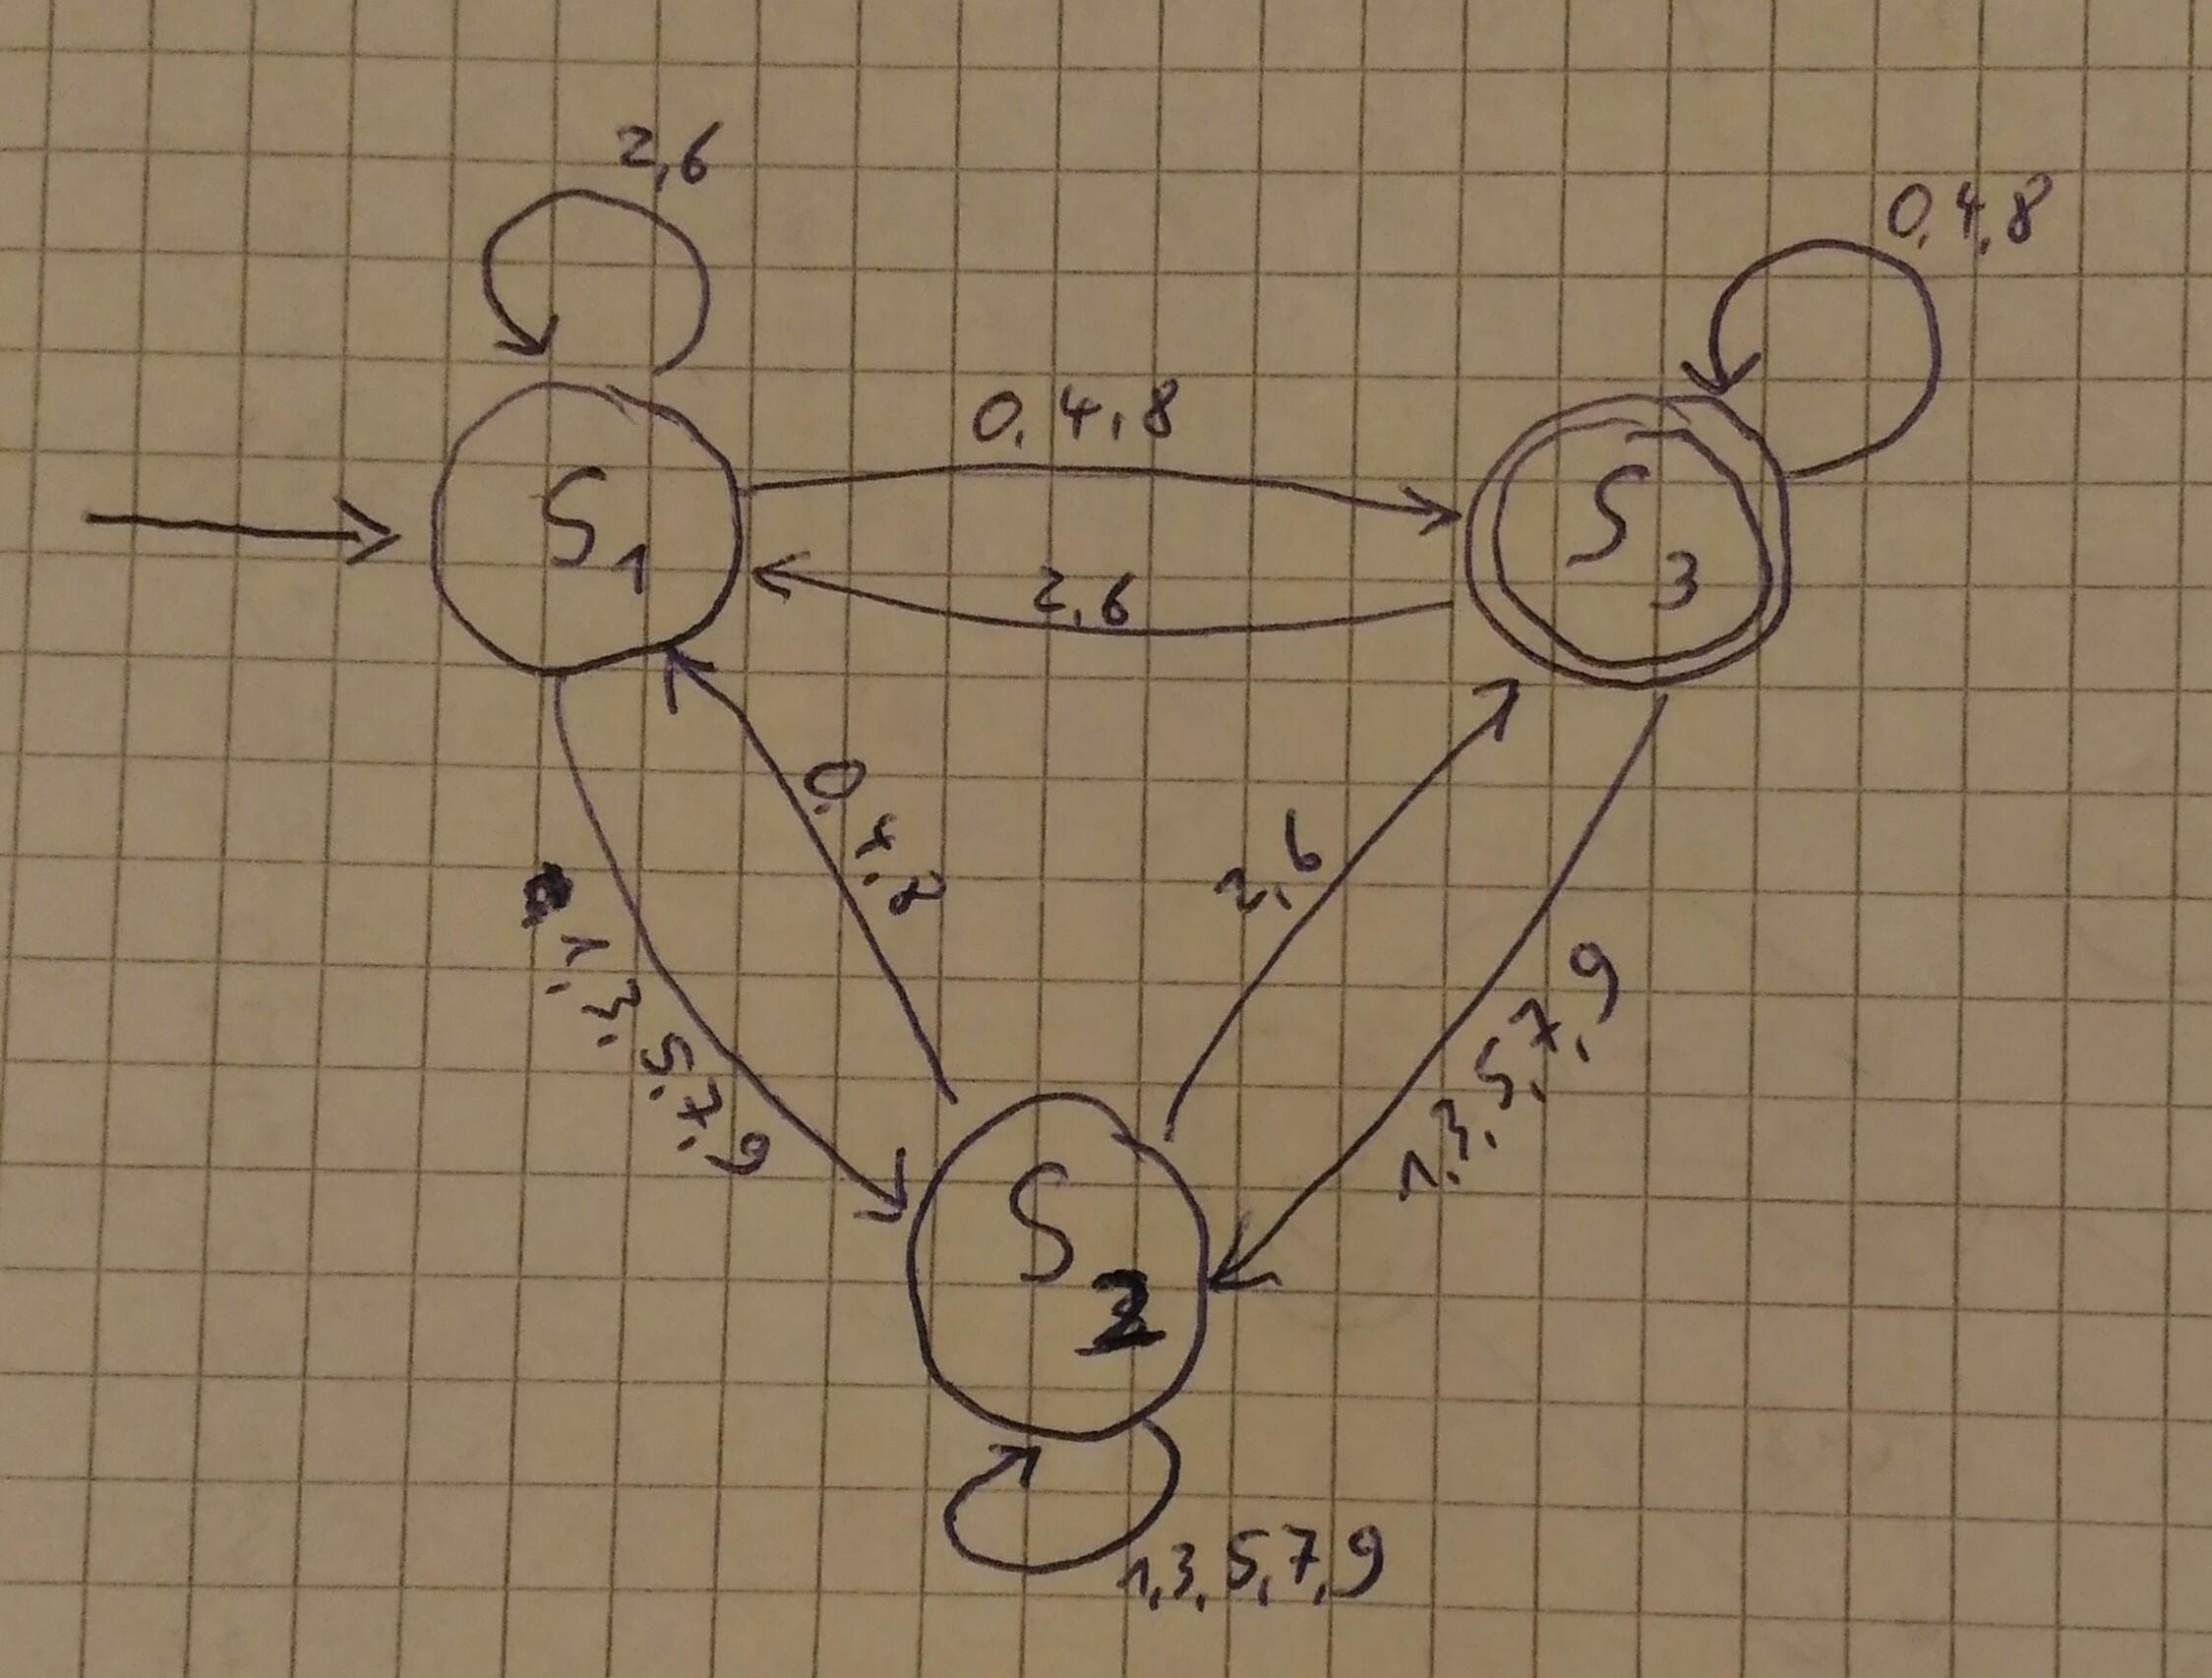 Automat für Teilbarkeit durch 4